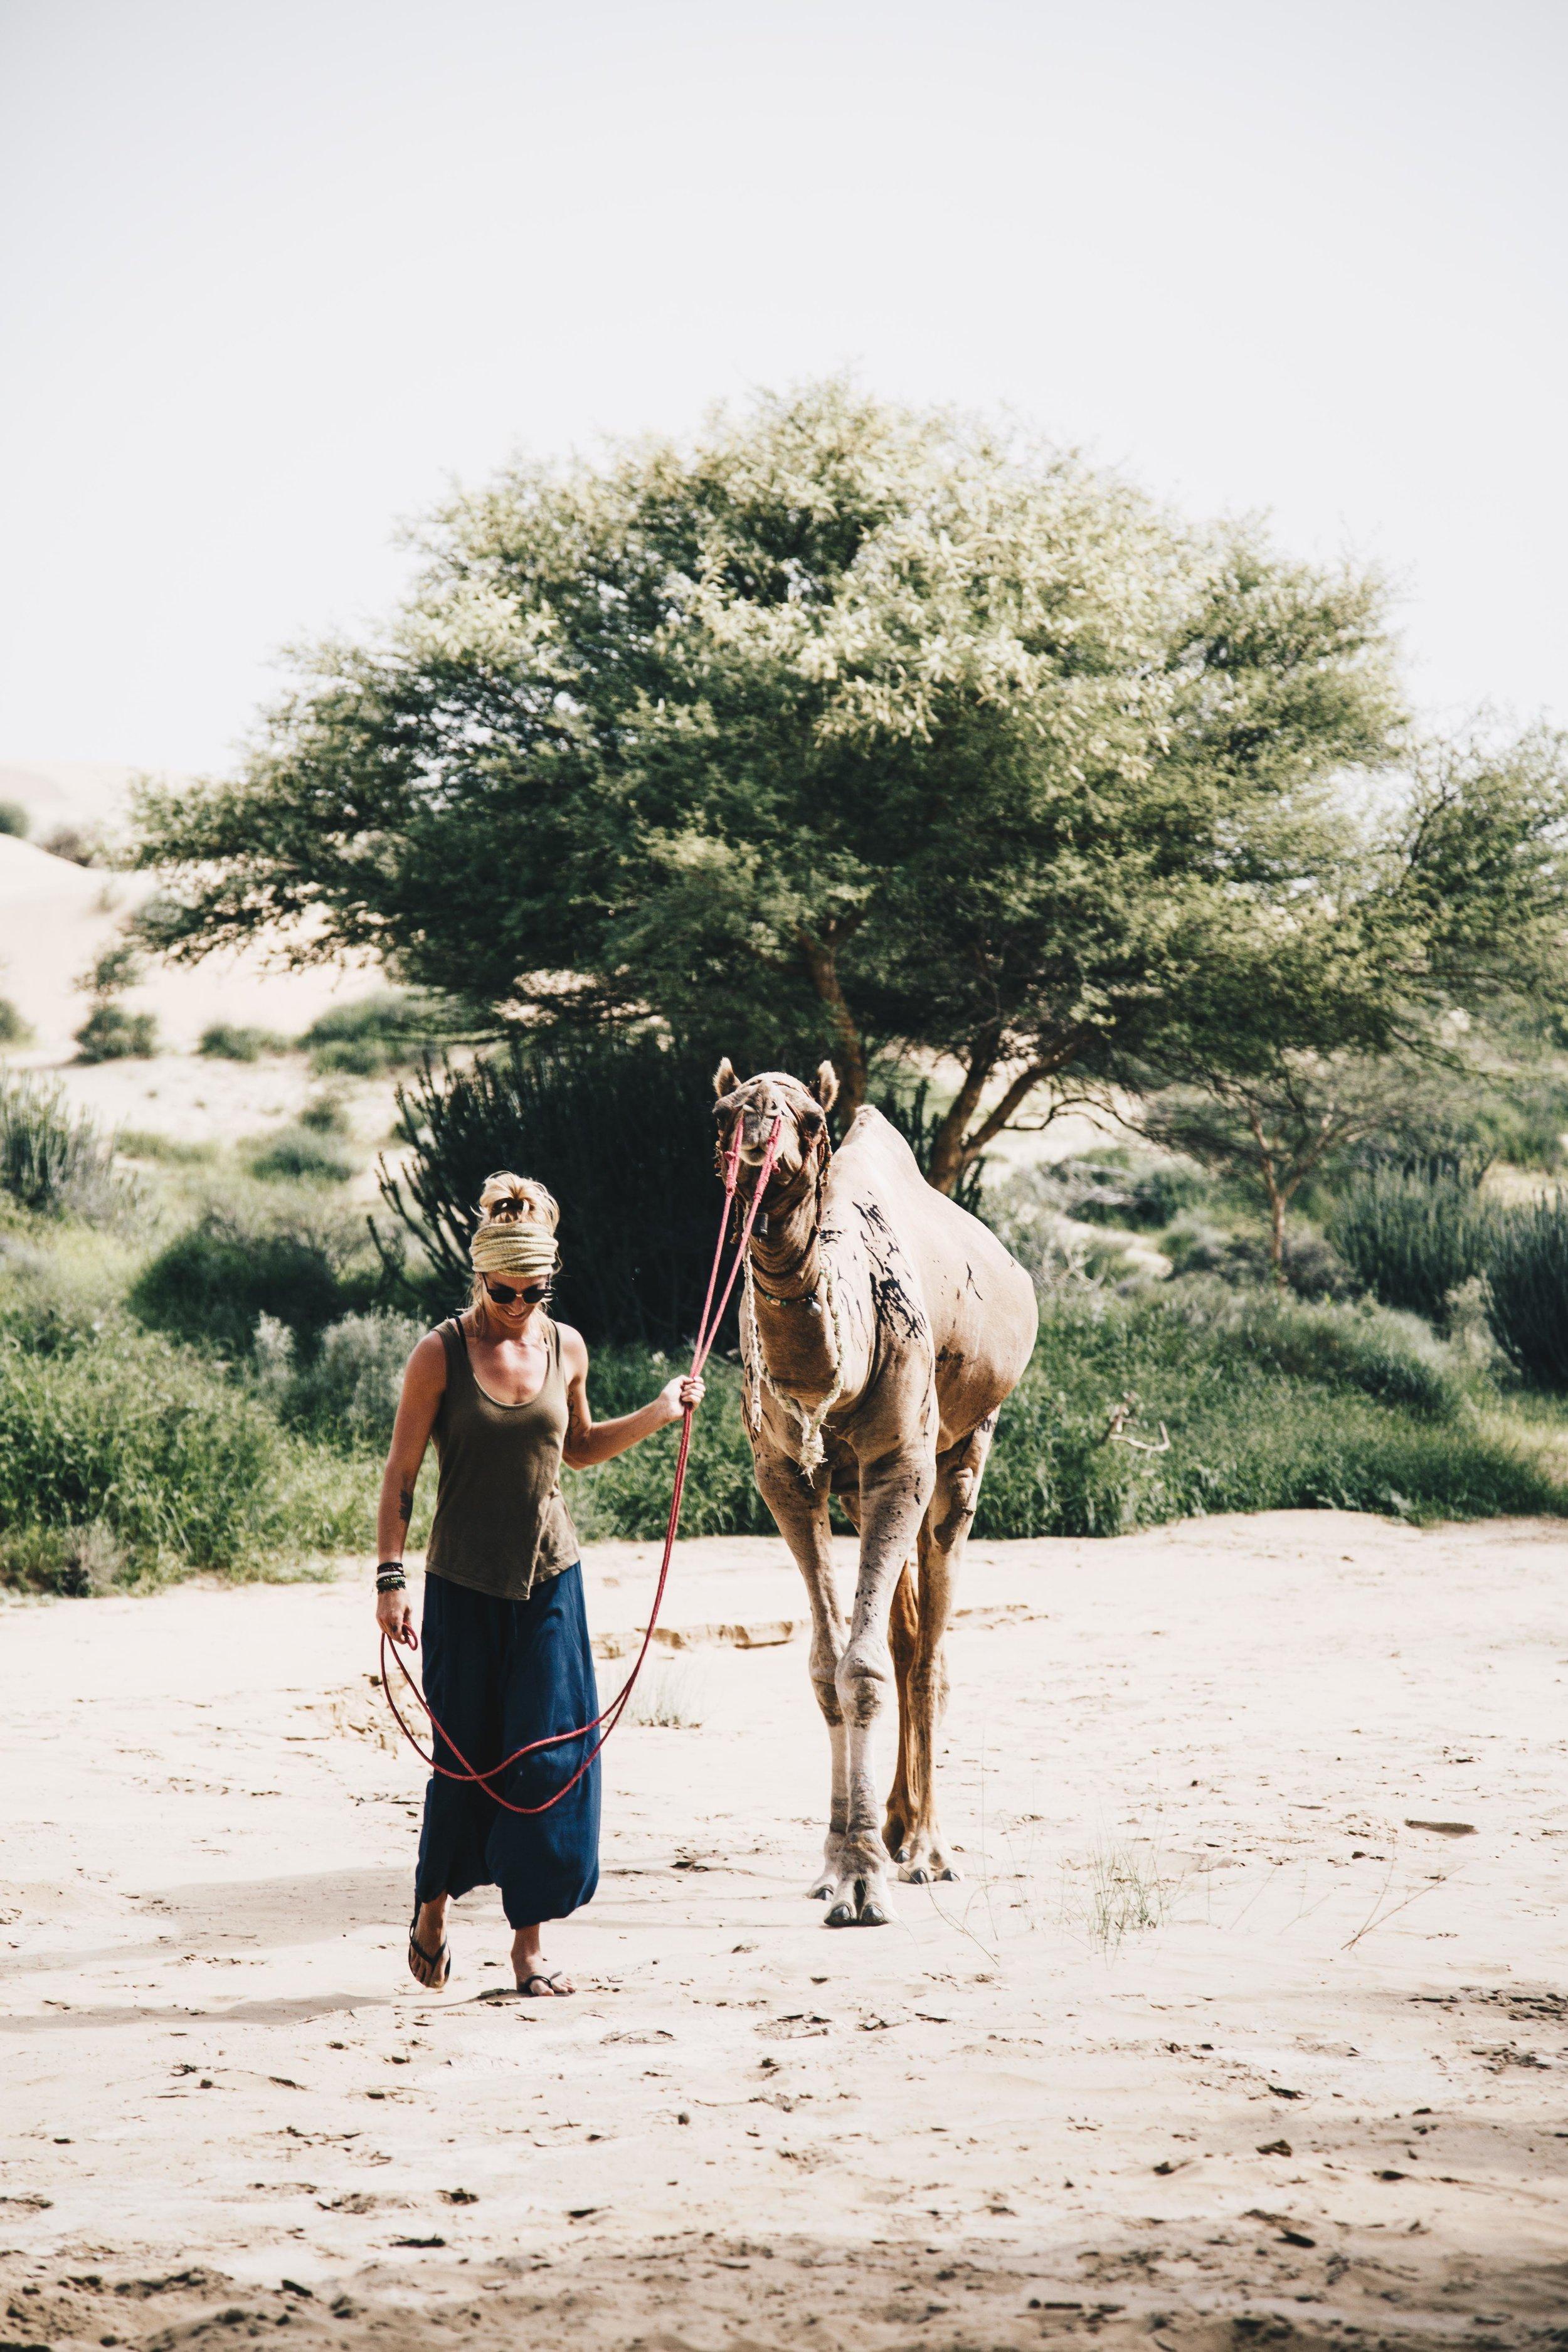 india2_jaislamer_camel-2.jpg